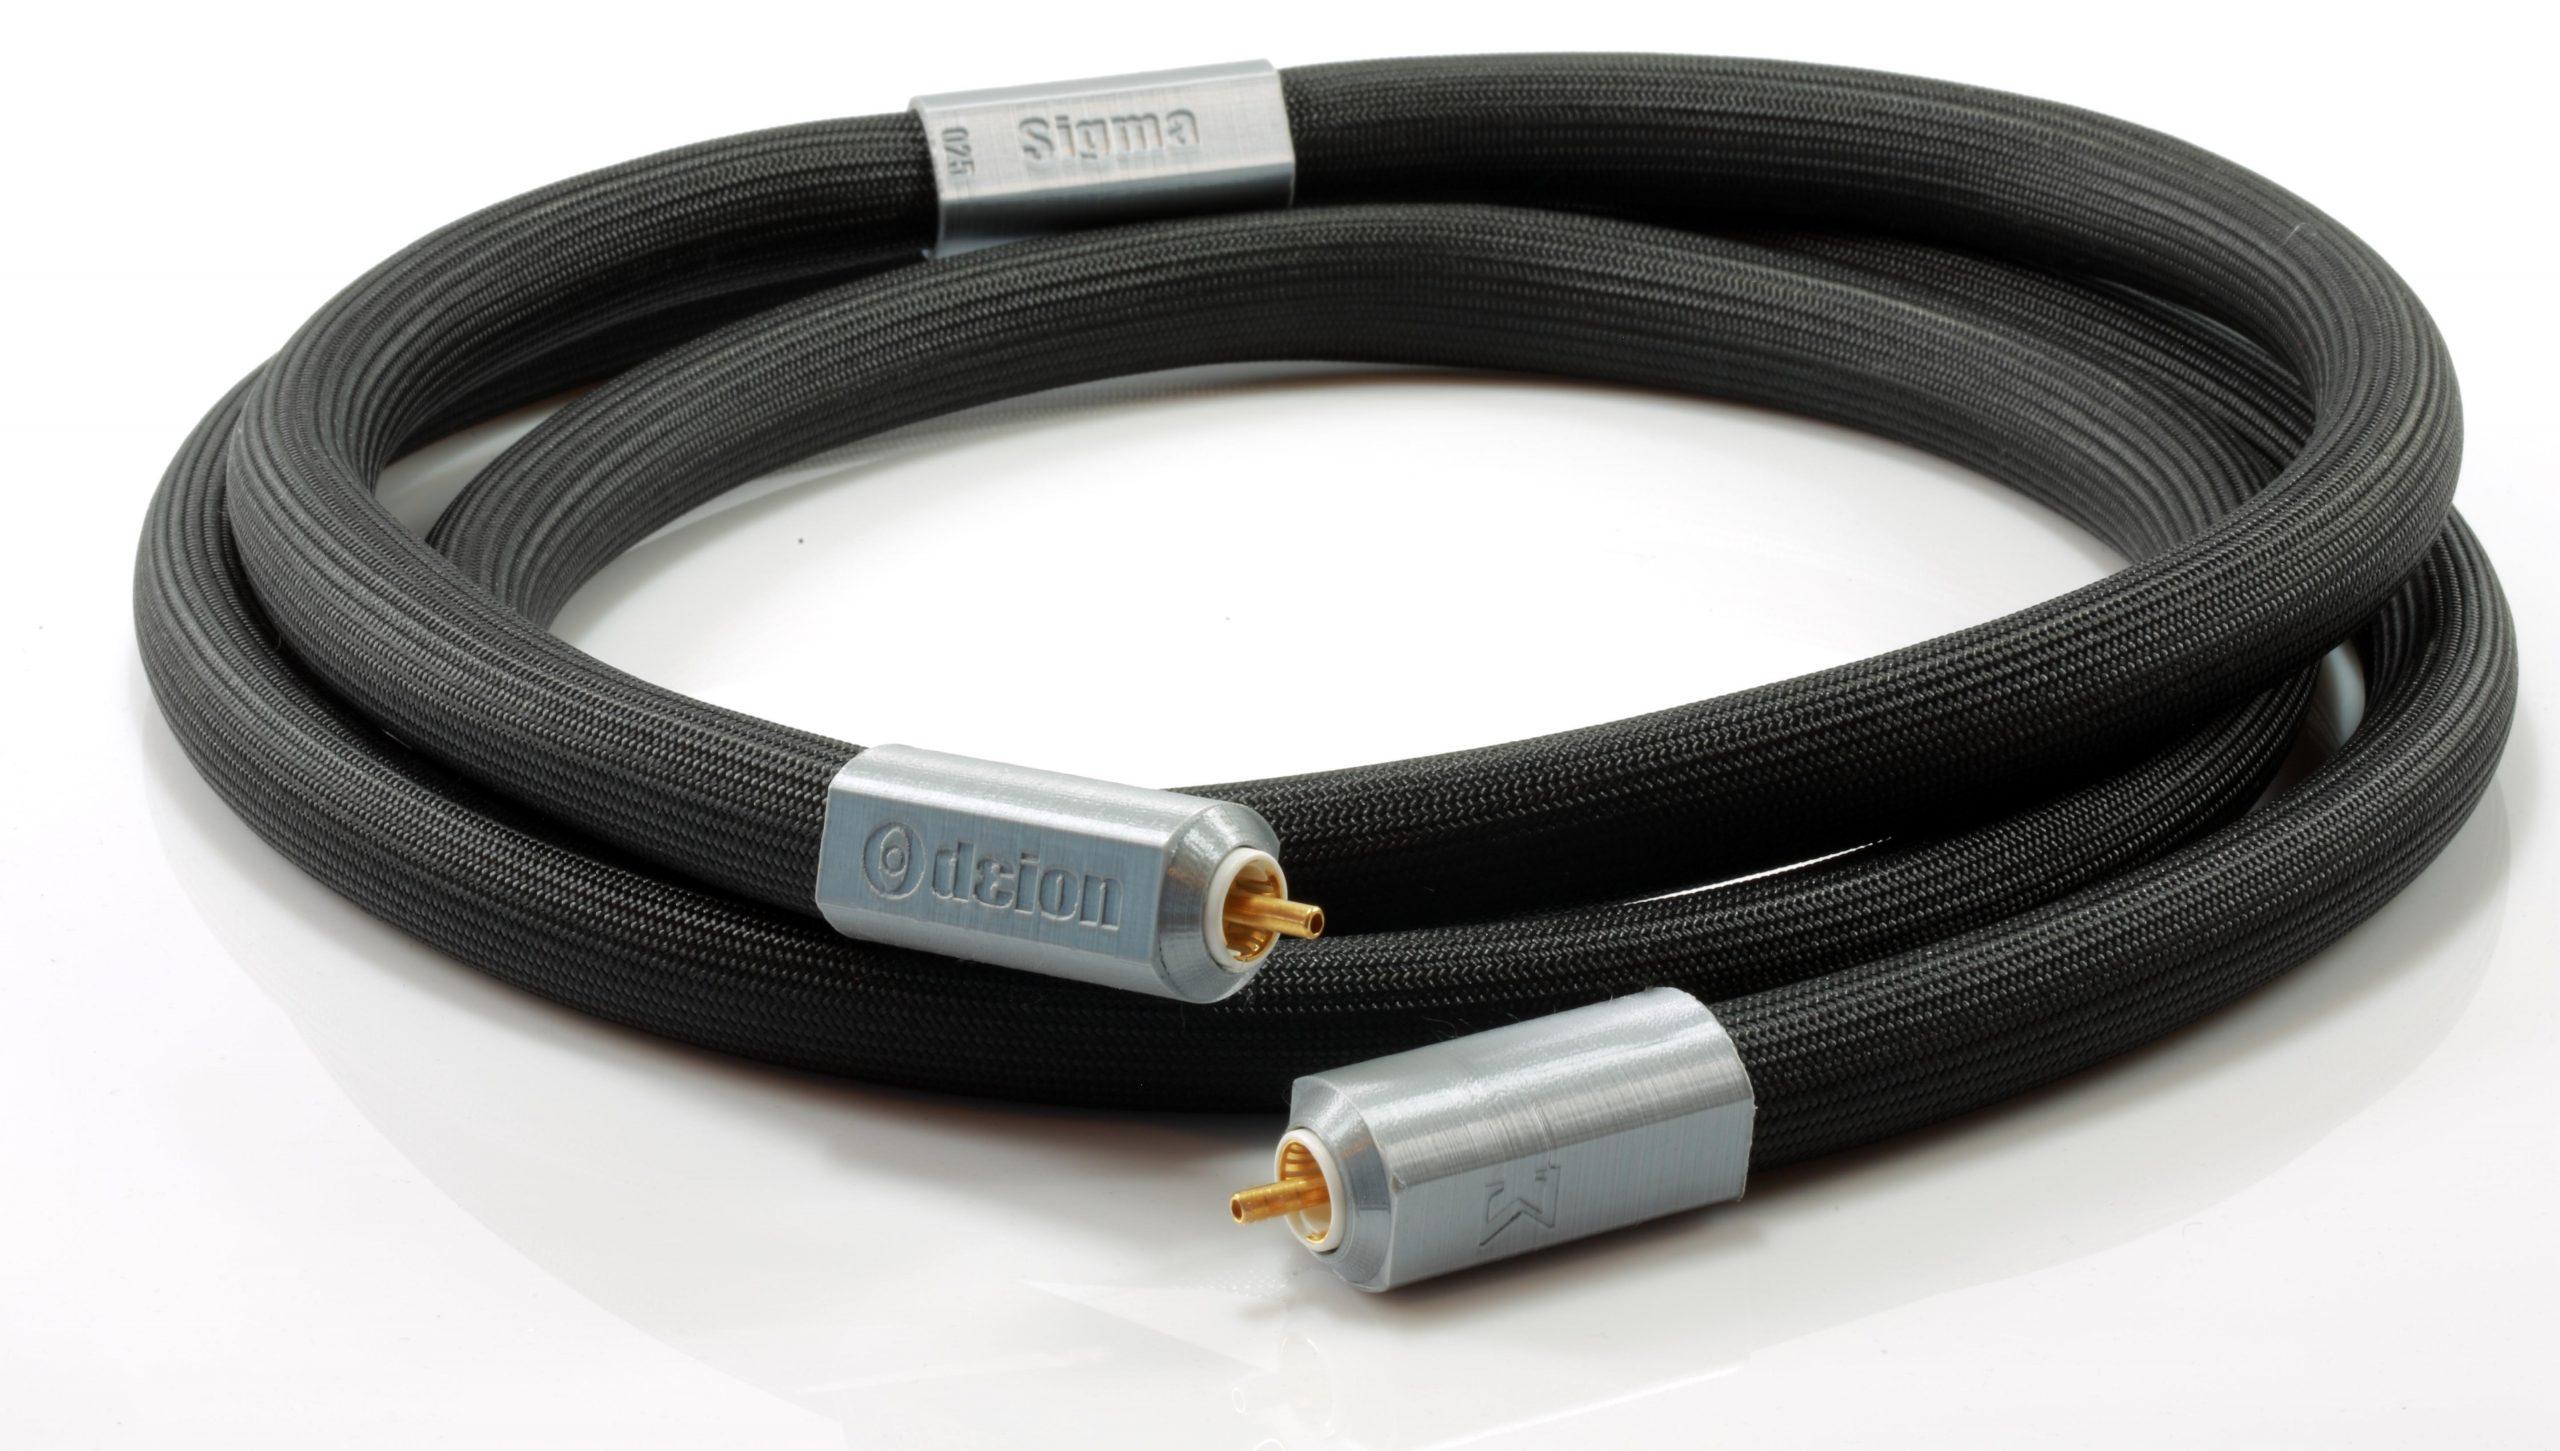 Sigma Sub RCA Odeion Cable